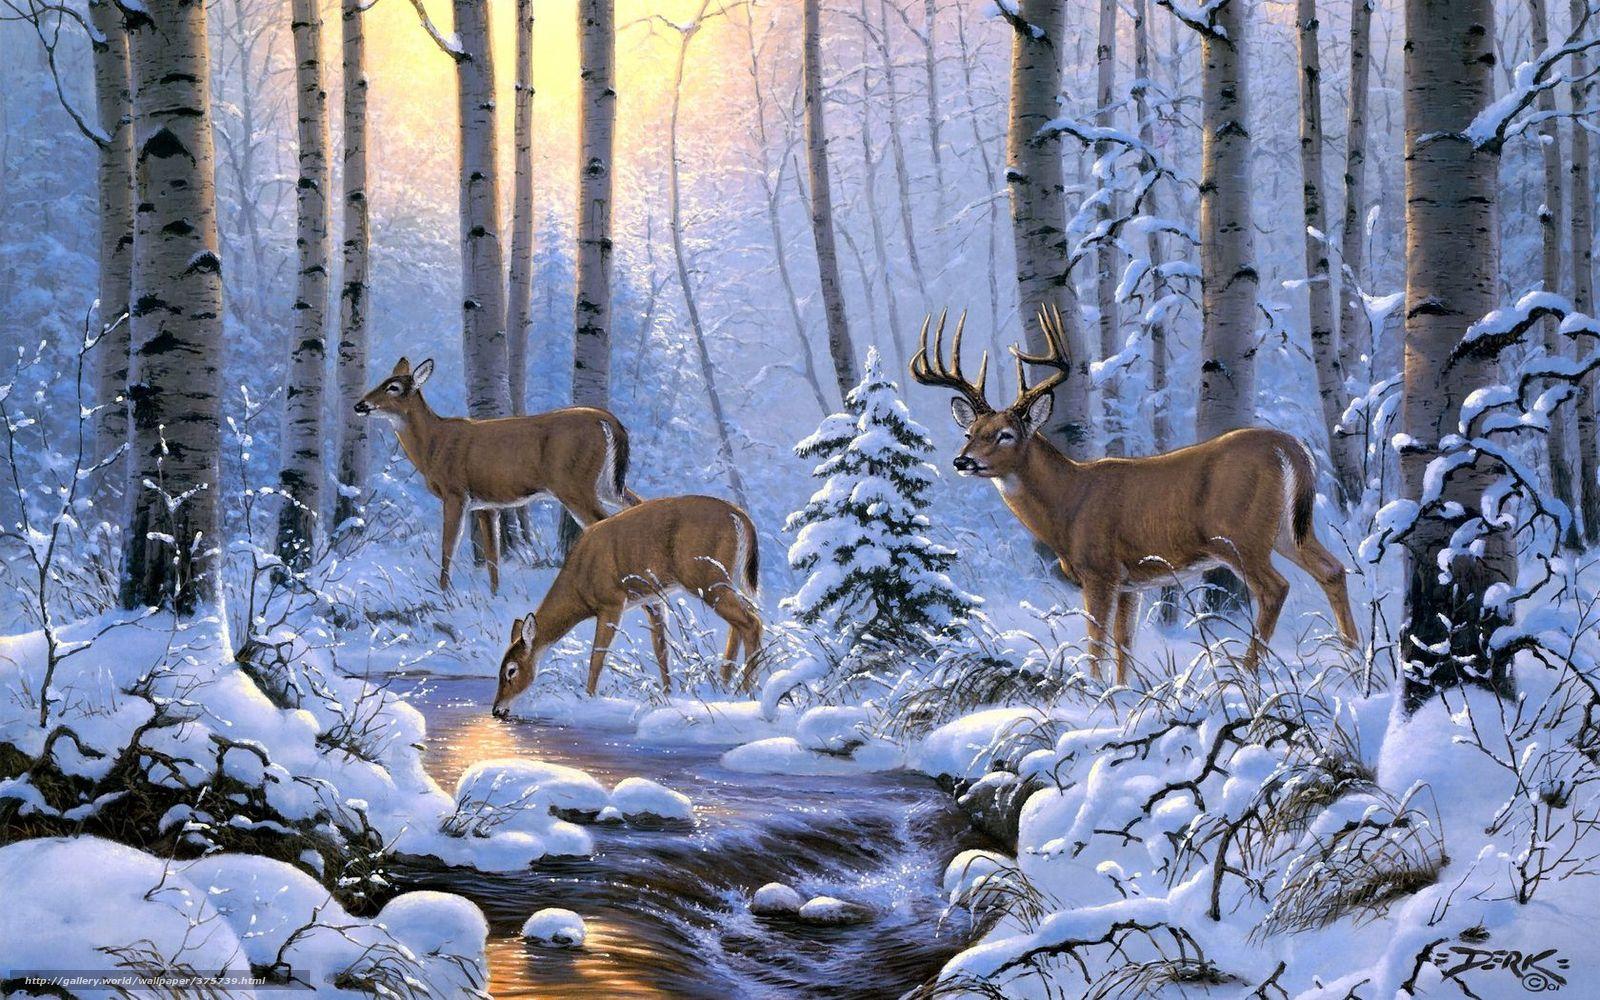 Tlcharger fond d 39 ecran cerf hiver fort neige fonds d for Fond ecran hiver animaux